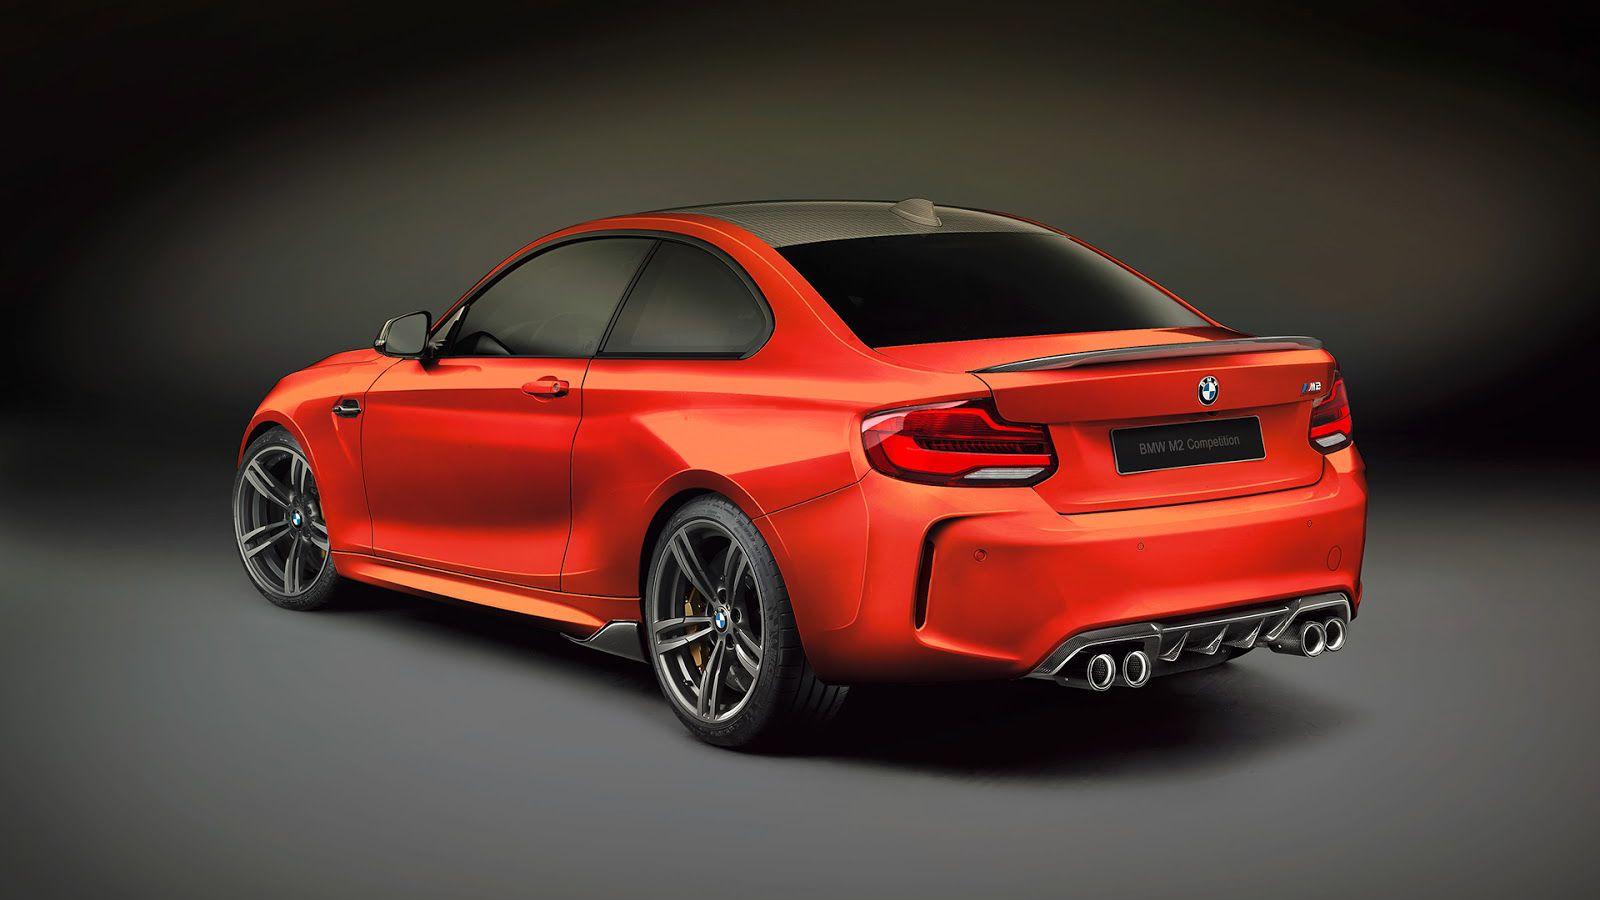 m a competition Bmw m2 competition presenta una nueva edición de su coupé compacto más deportivo y radical, y para ello nada mejor que leer más.